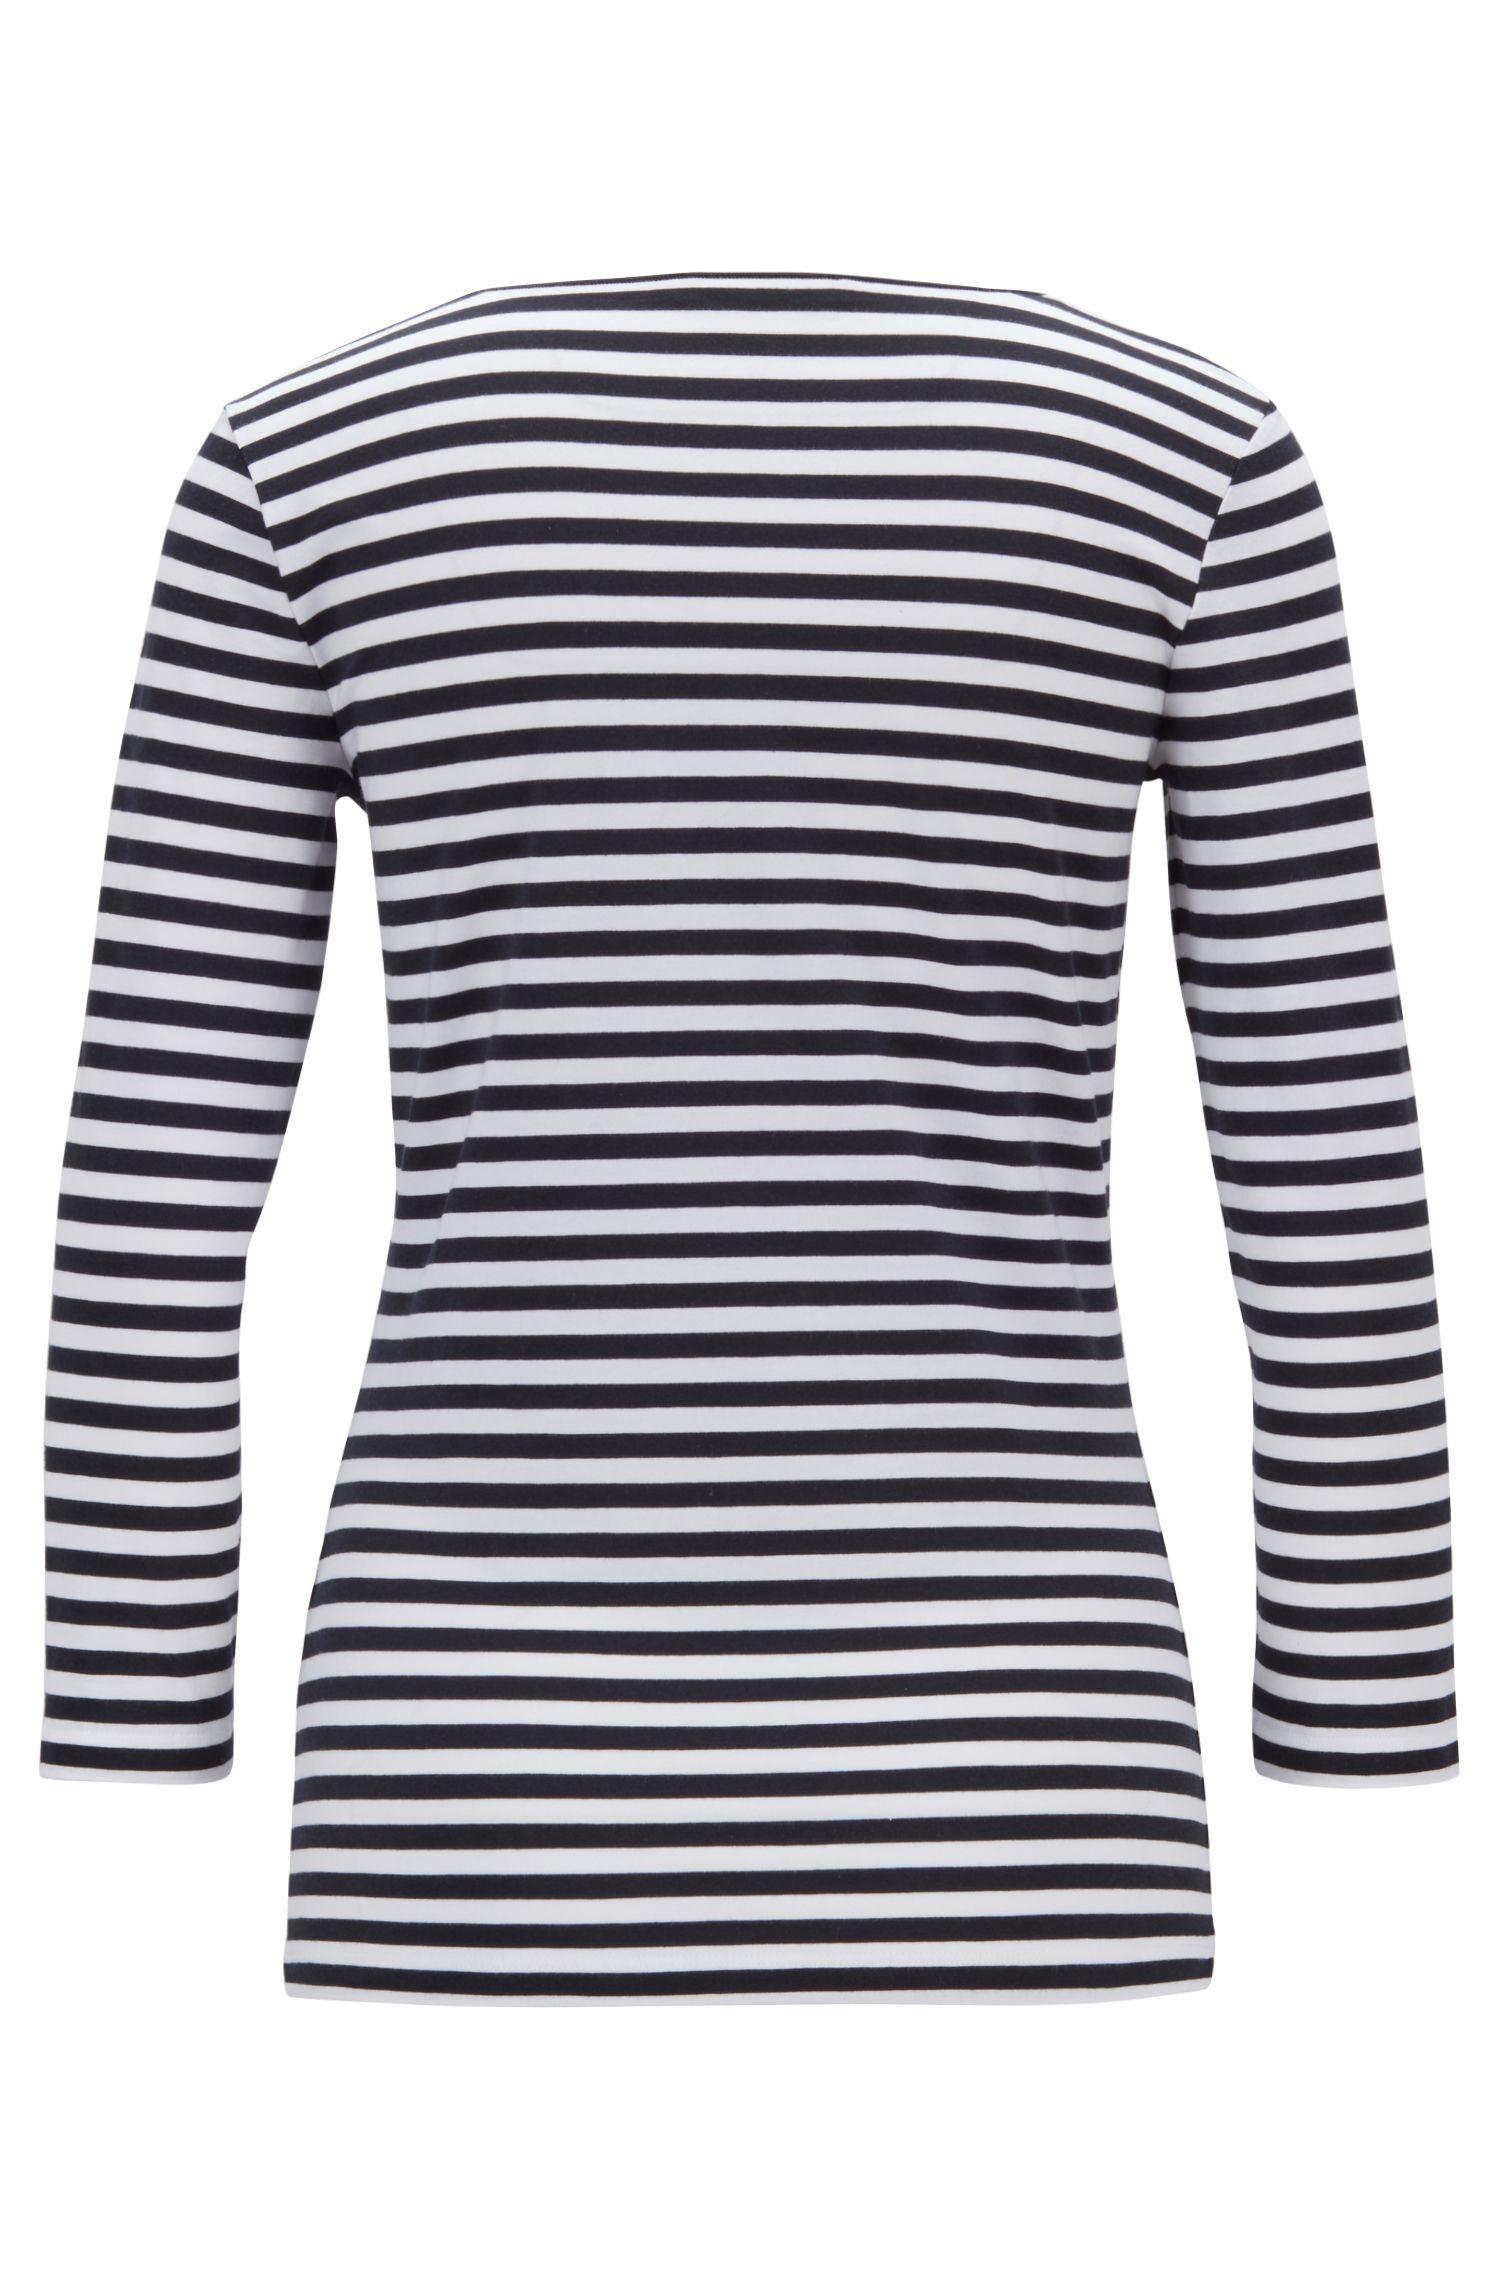 Top style marinière en jersey stretch, avec du modal, Fantaisie